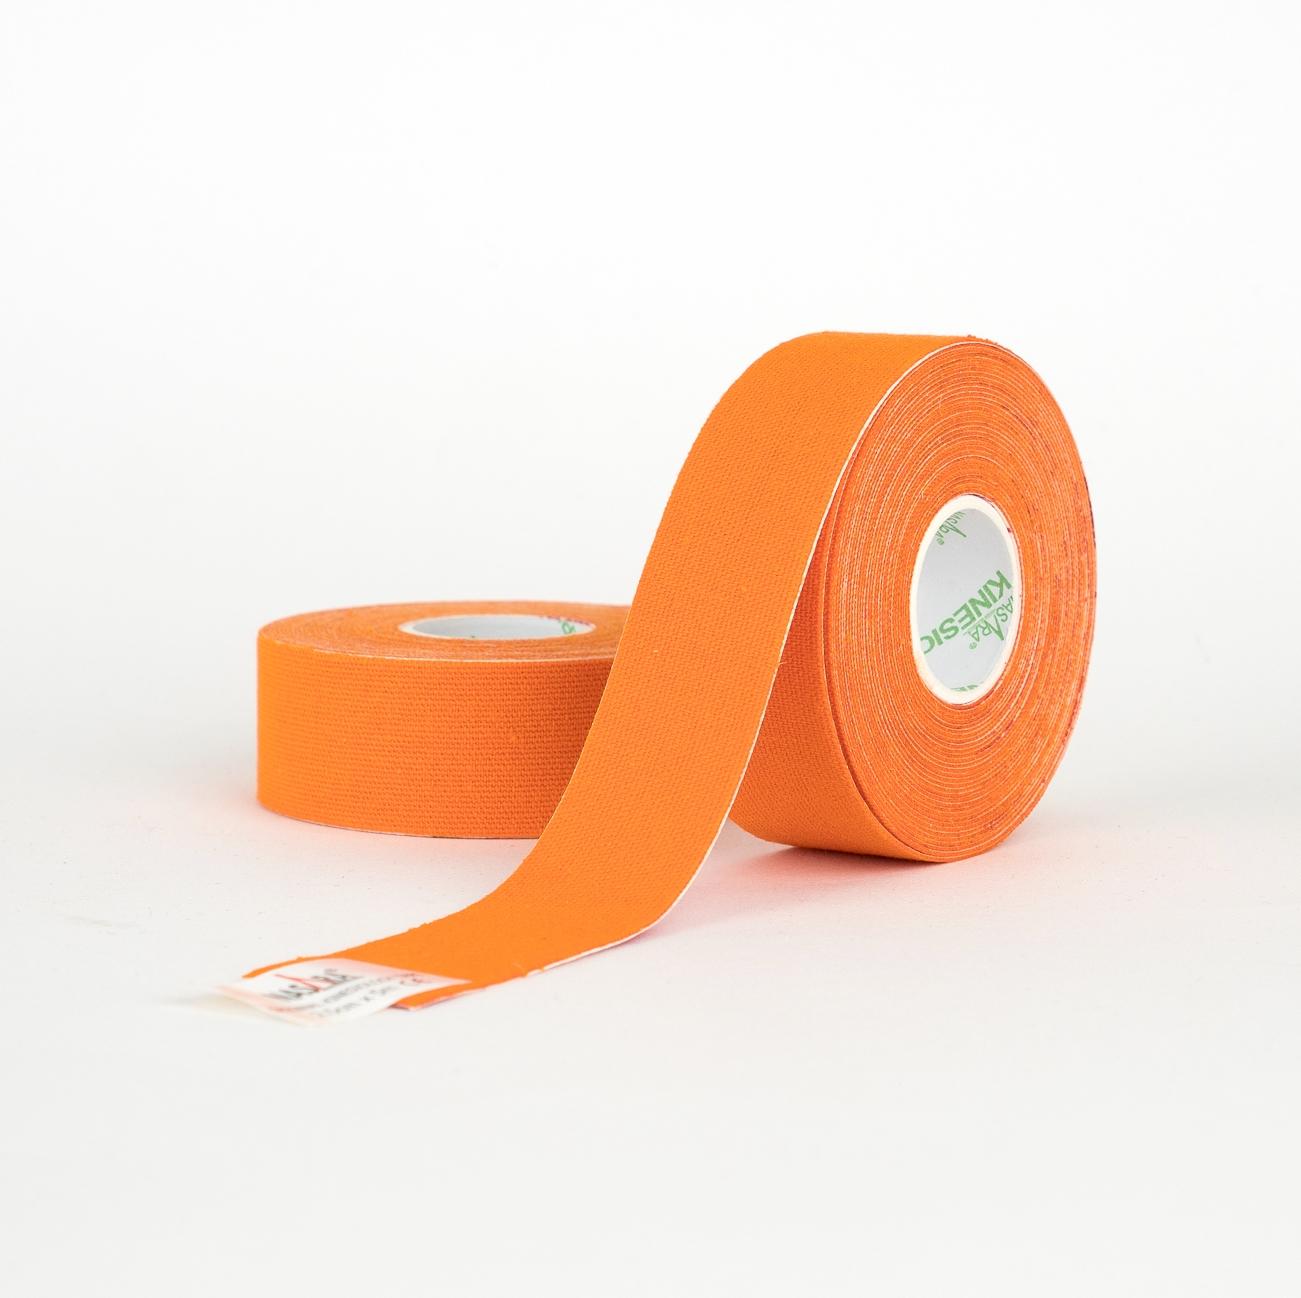 Nasara Kinesiologie-Tape 2,5cm x 5m - 2 Rollen